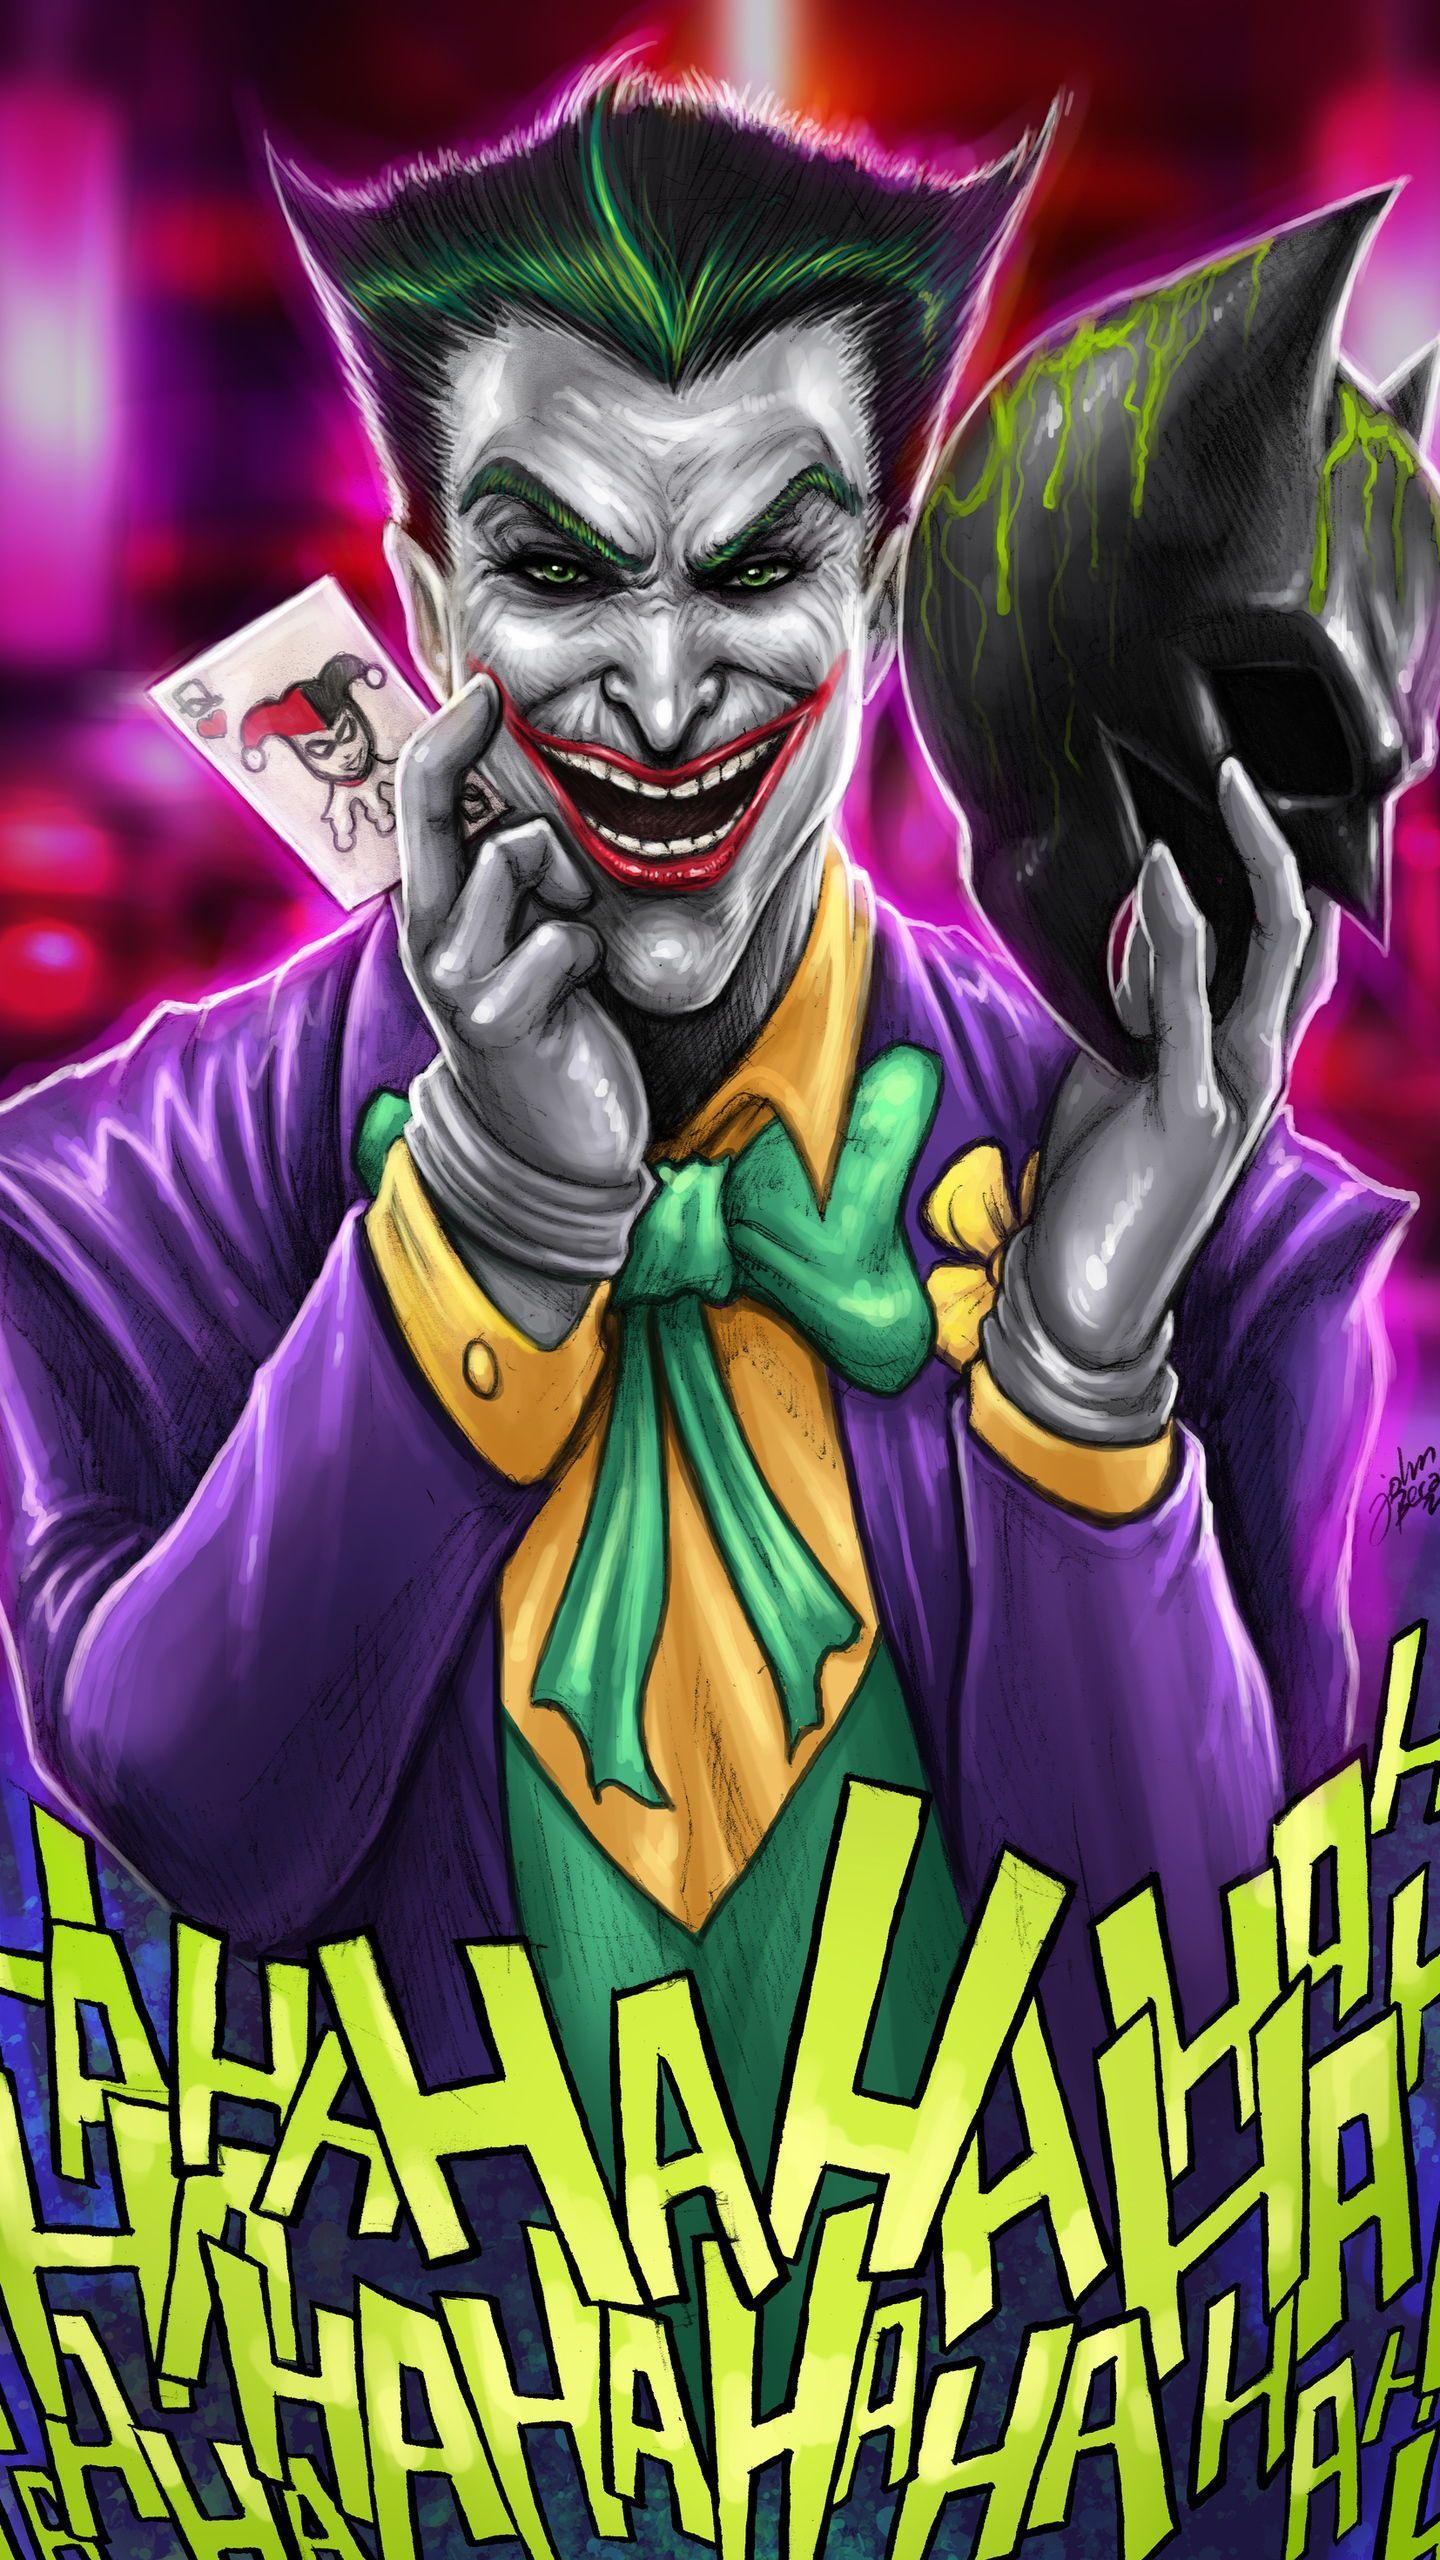 Download Hd Movie Wallpapers Poster Wallpaper Hd Iphone Desktop Popular Marvel Dc Download Joker Wallpapers Joker Art Joker